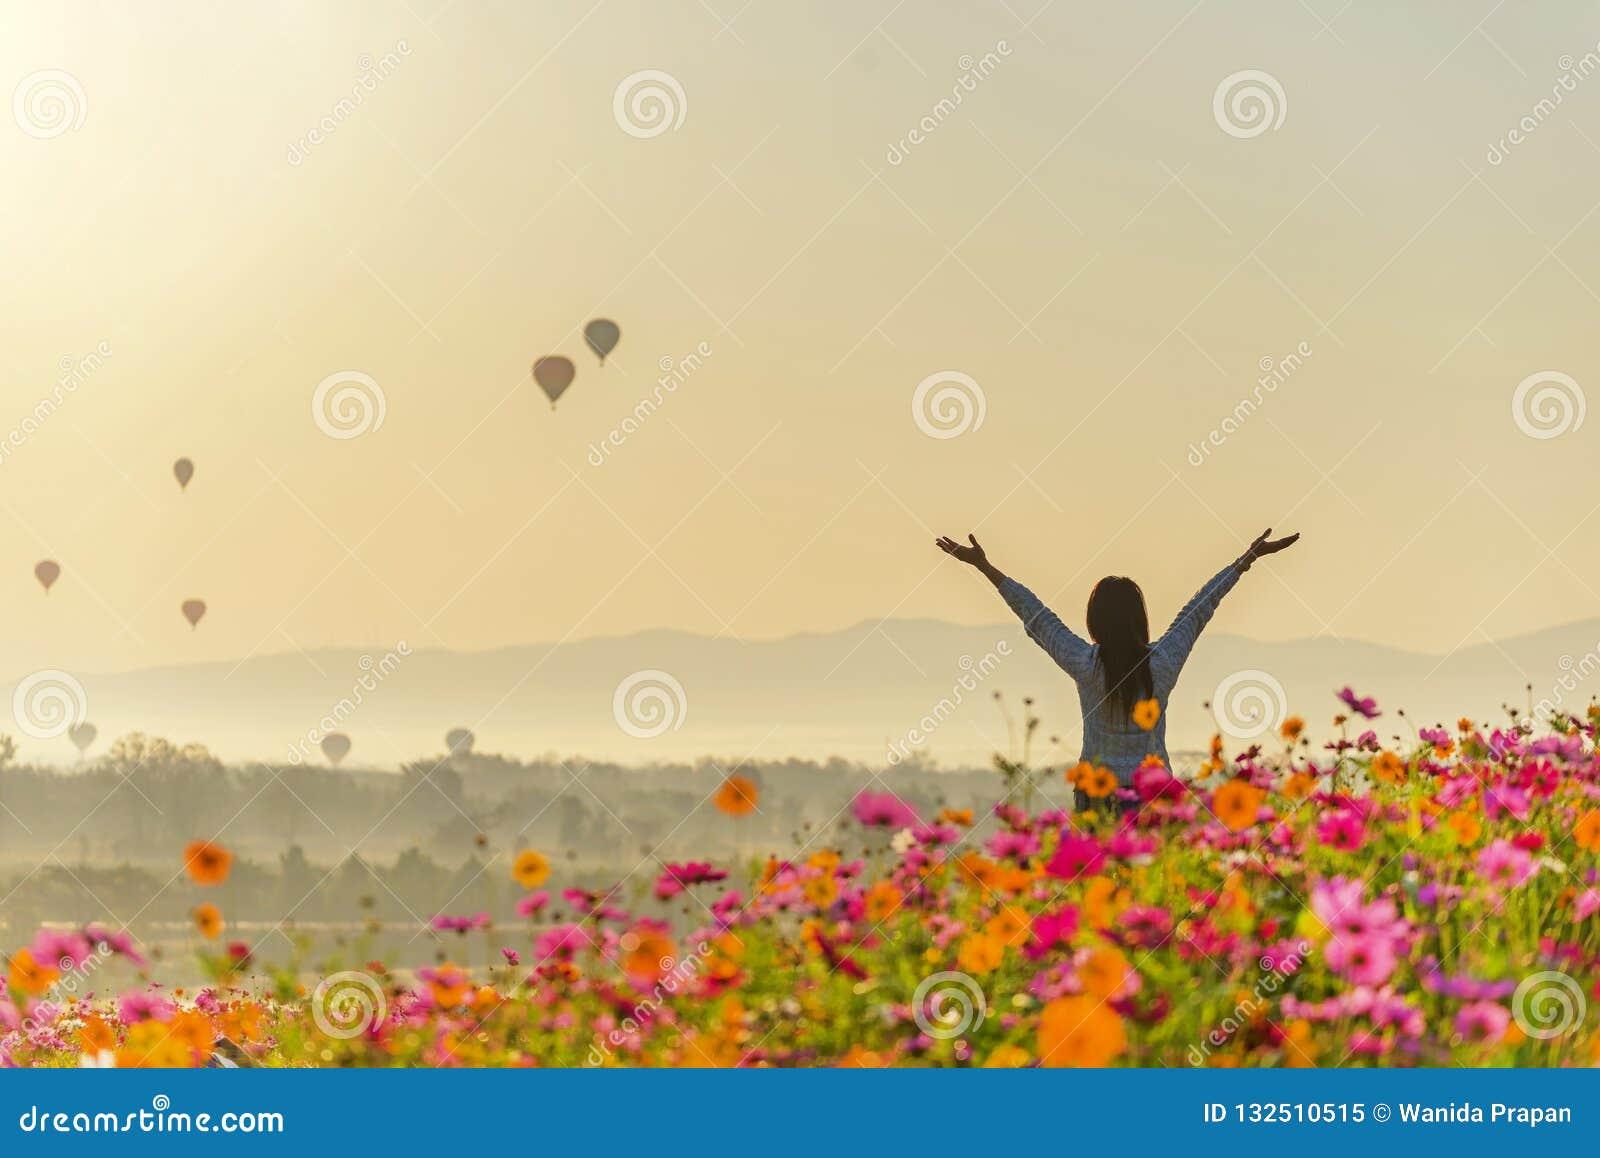 Οι ταξιδιωτικές γυναίκες τρόπου ζωής αυξάνουν το χέρι αισθαμένος ότι καλός χαλαρώστε και ευτυχής ελευθερία και δείτε το μπαλόνι π